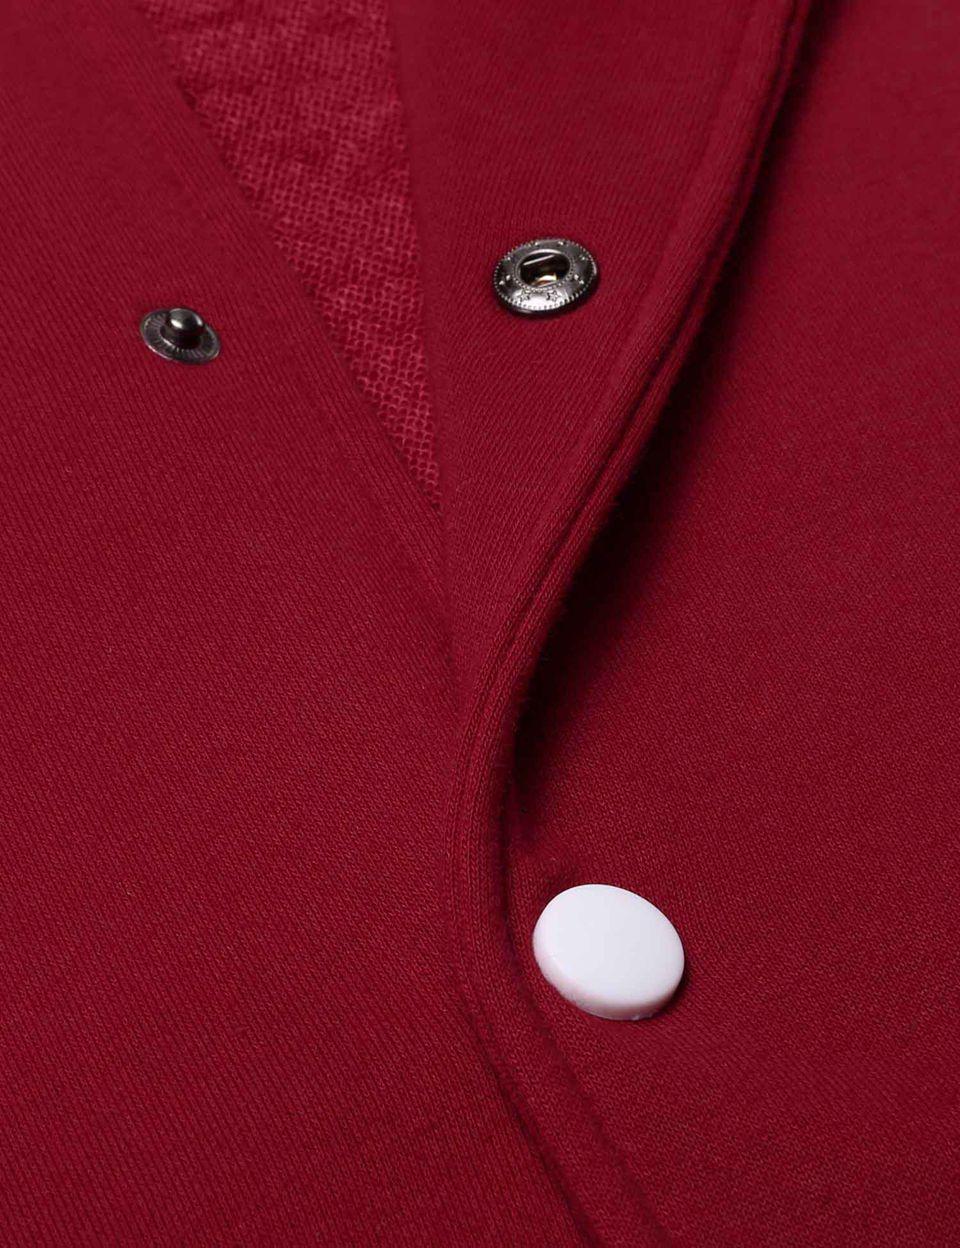 jacket (16)